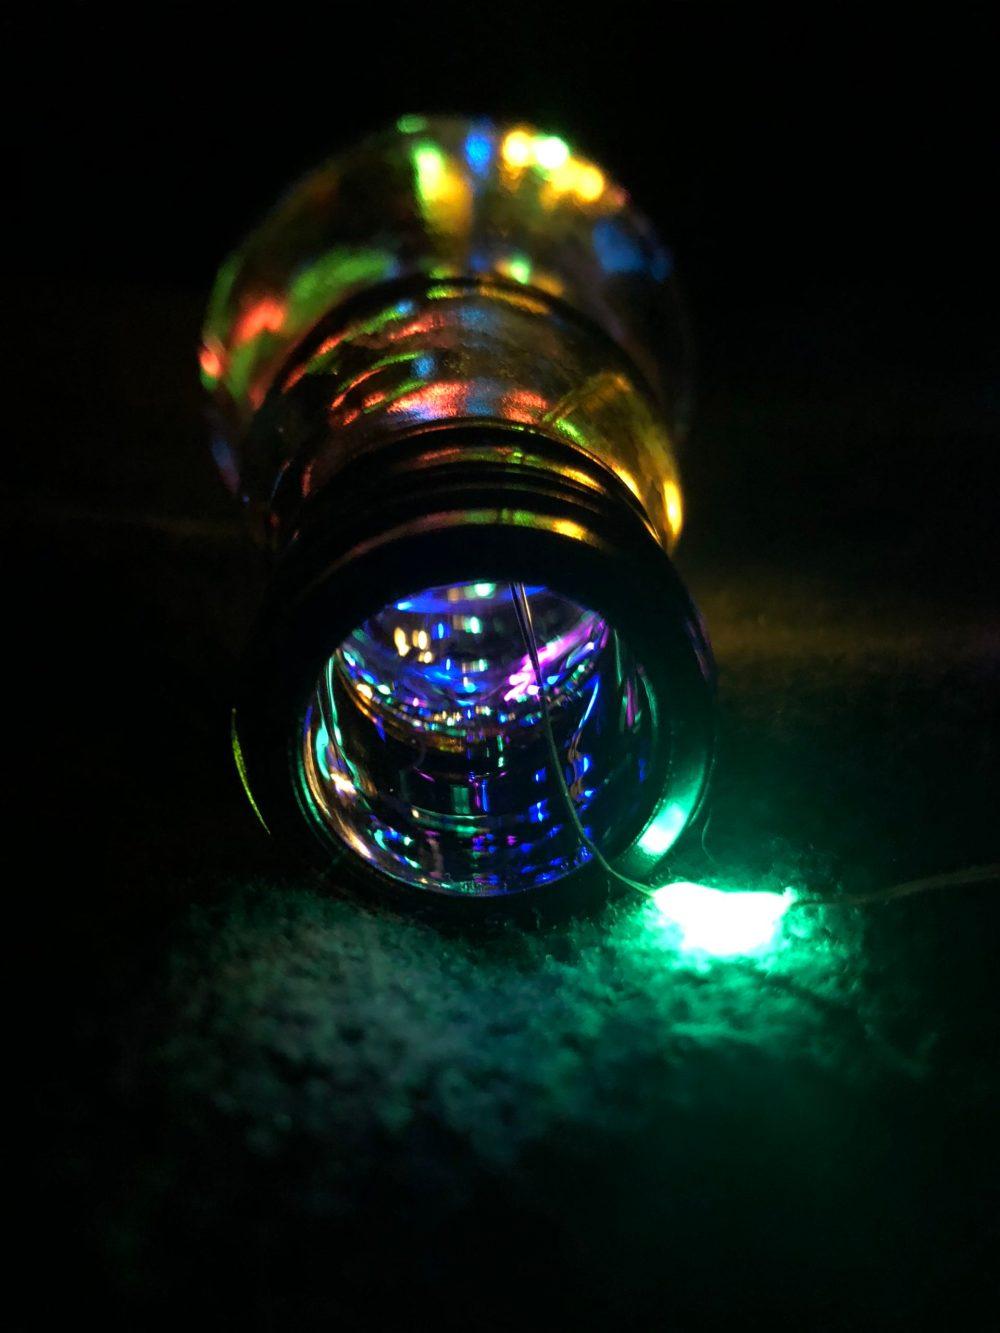 Leuchtende Lichterkette in einer Glasflasche